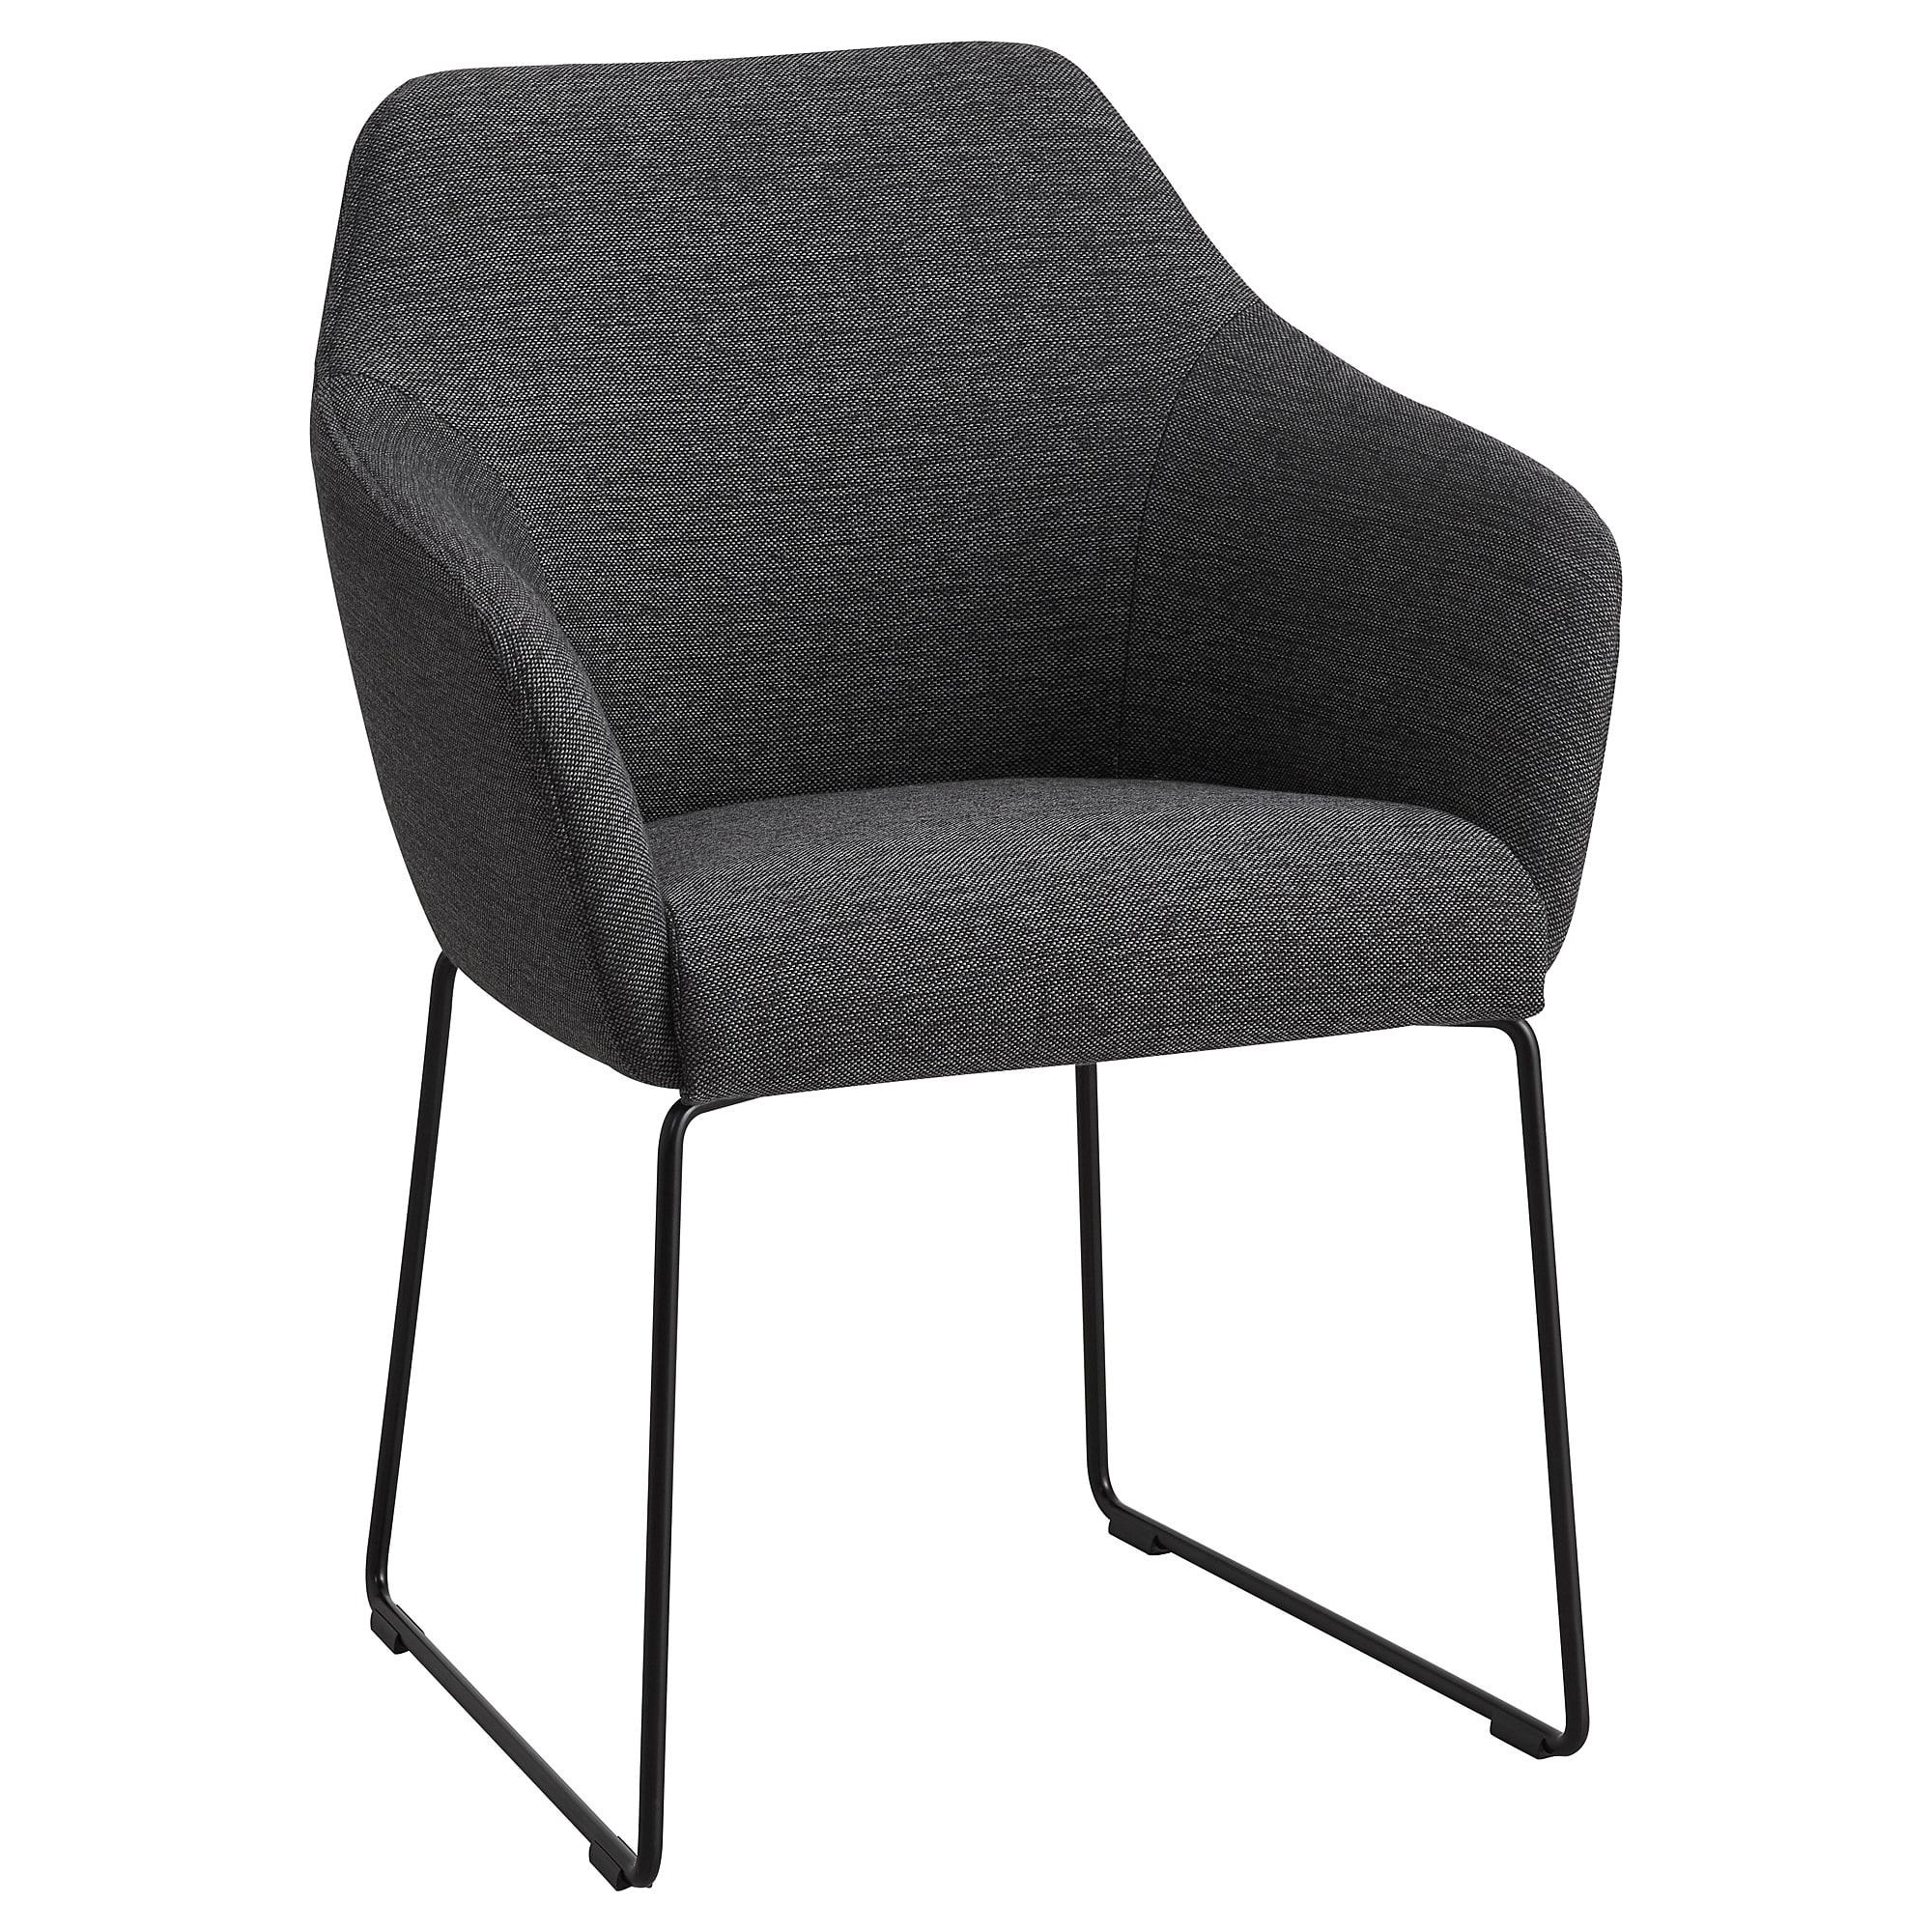 Silla Negra Q5df Sillas De Edor Salà N Y Cocina Pra Online Ikea